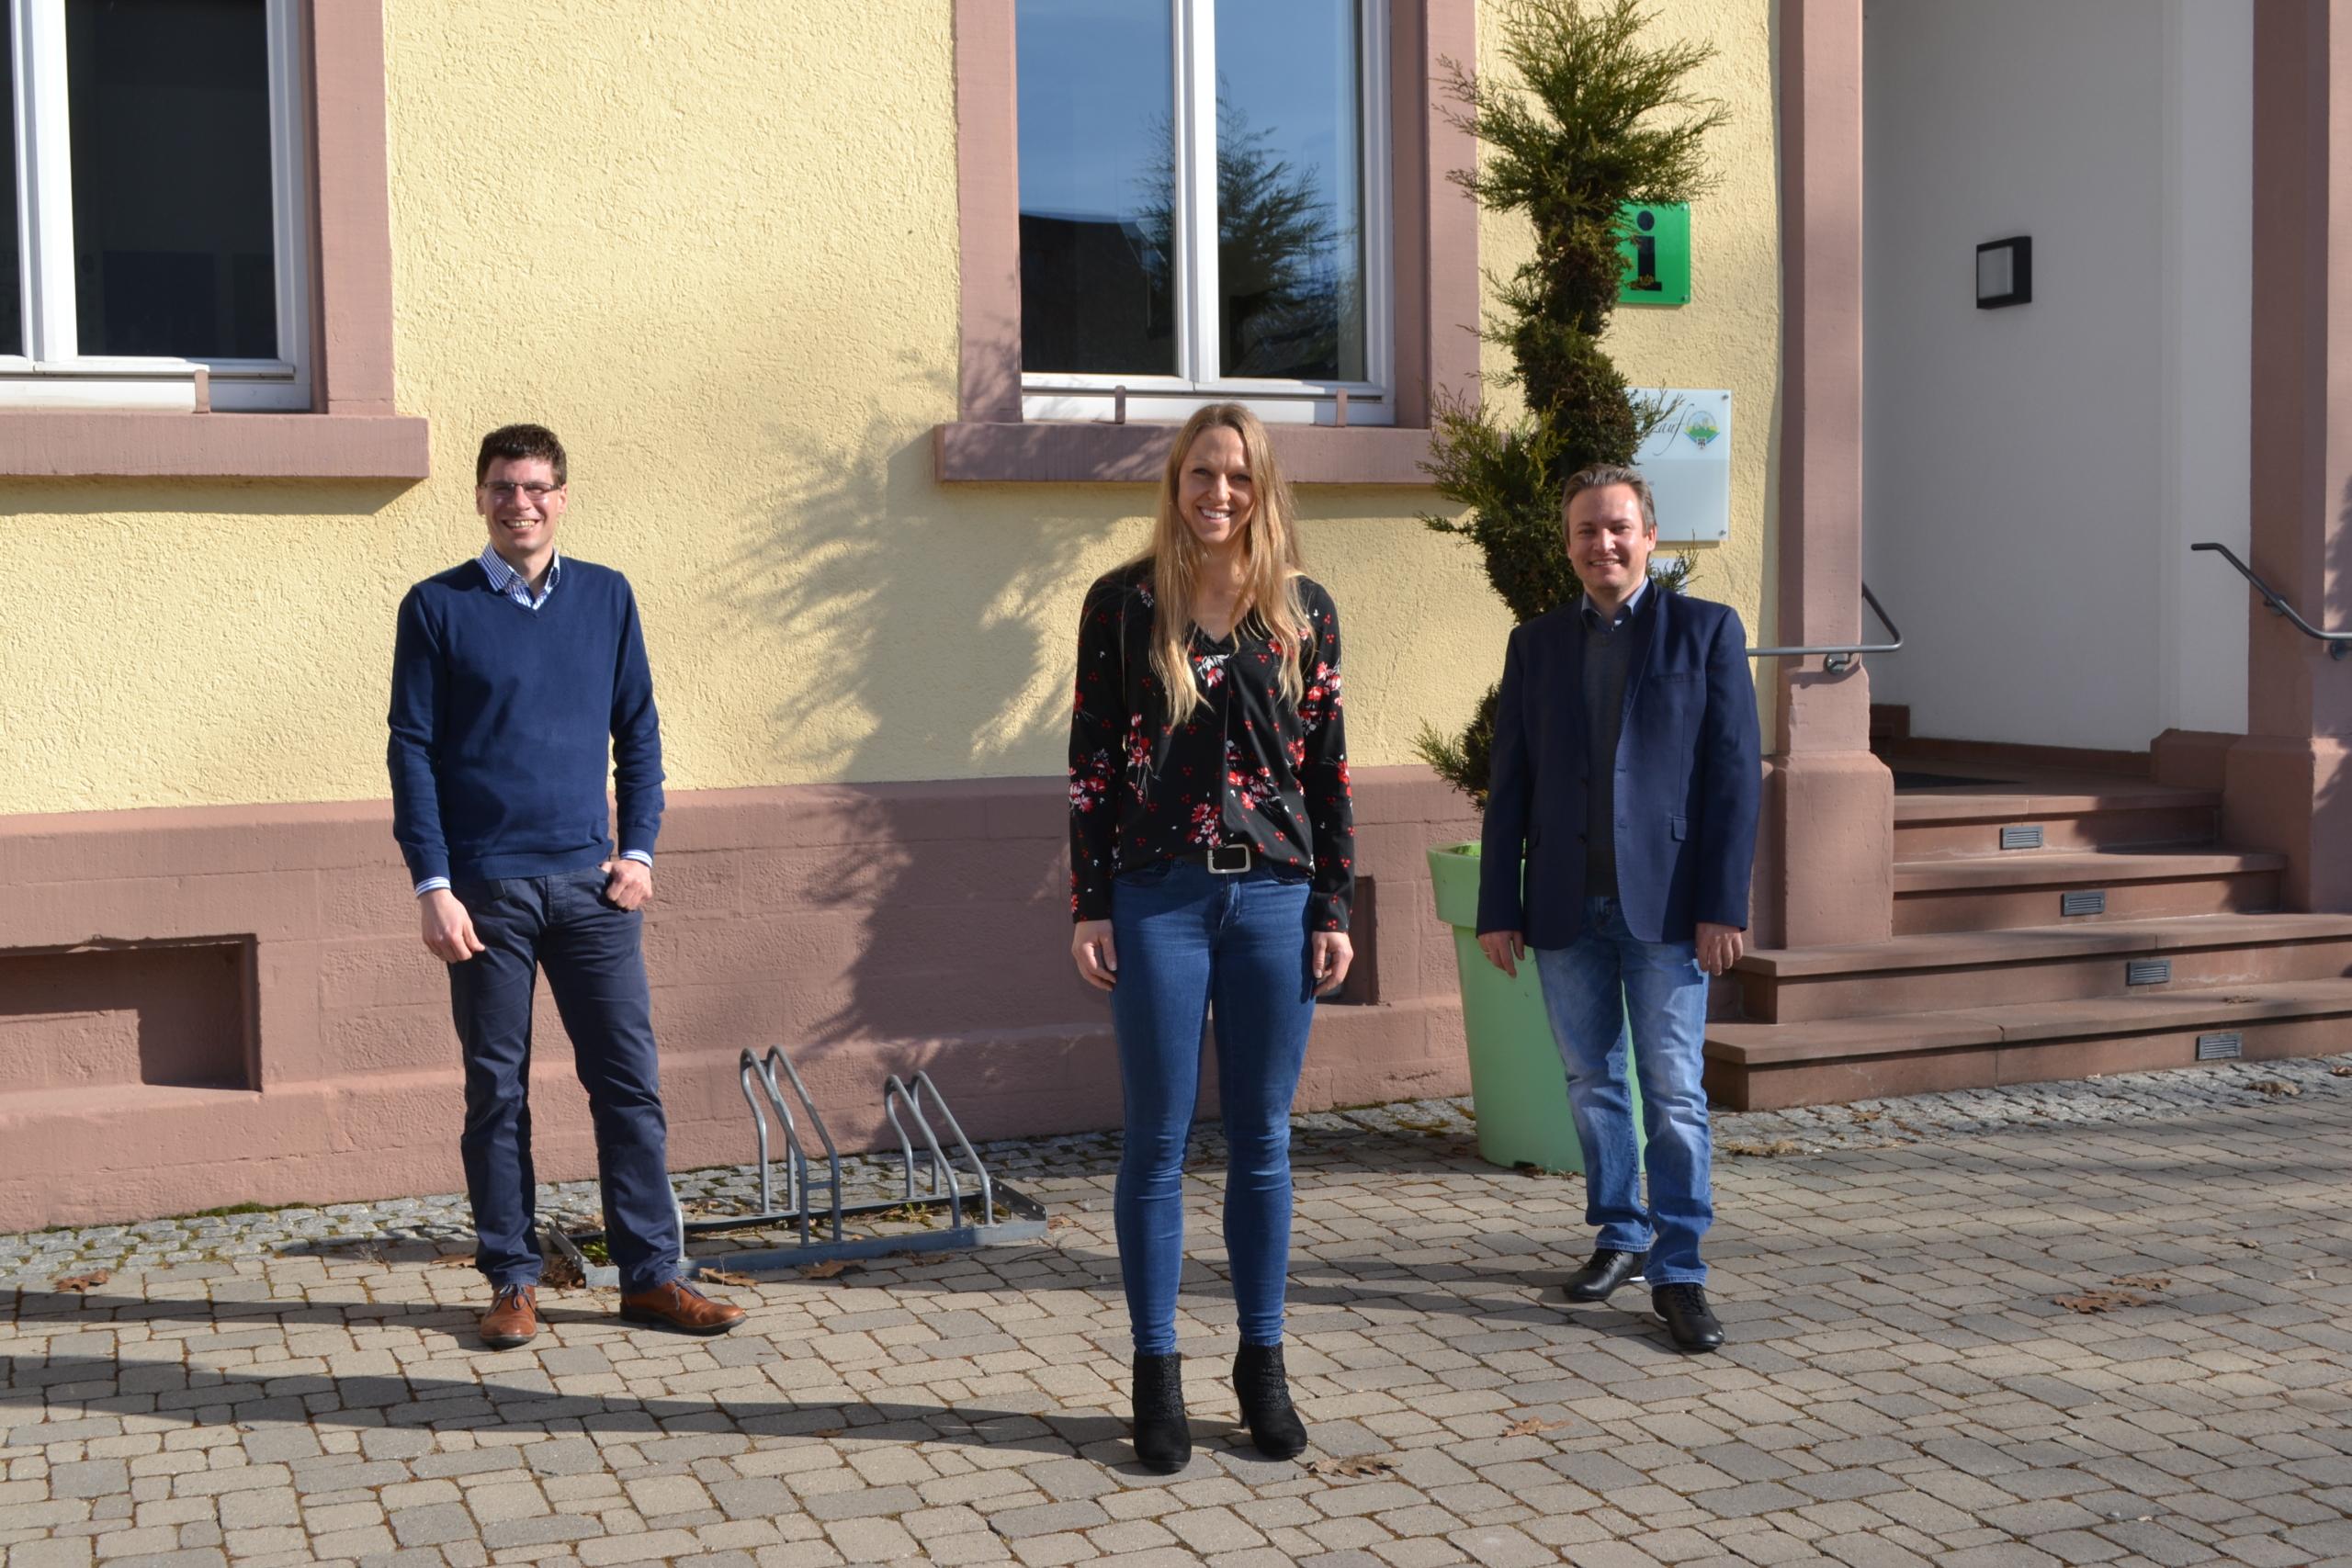 Gemeindeverwaltung Lauf begrüßt neue Mitarbeiterin